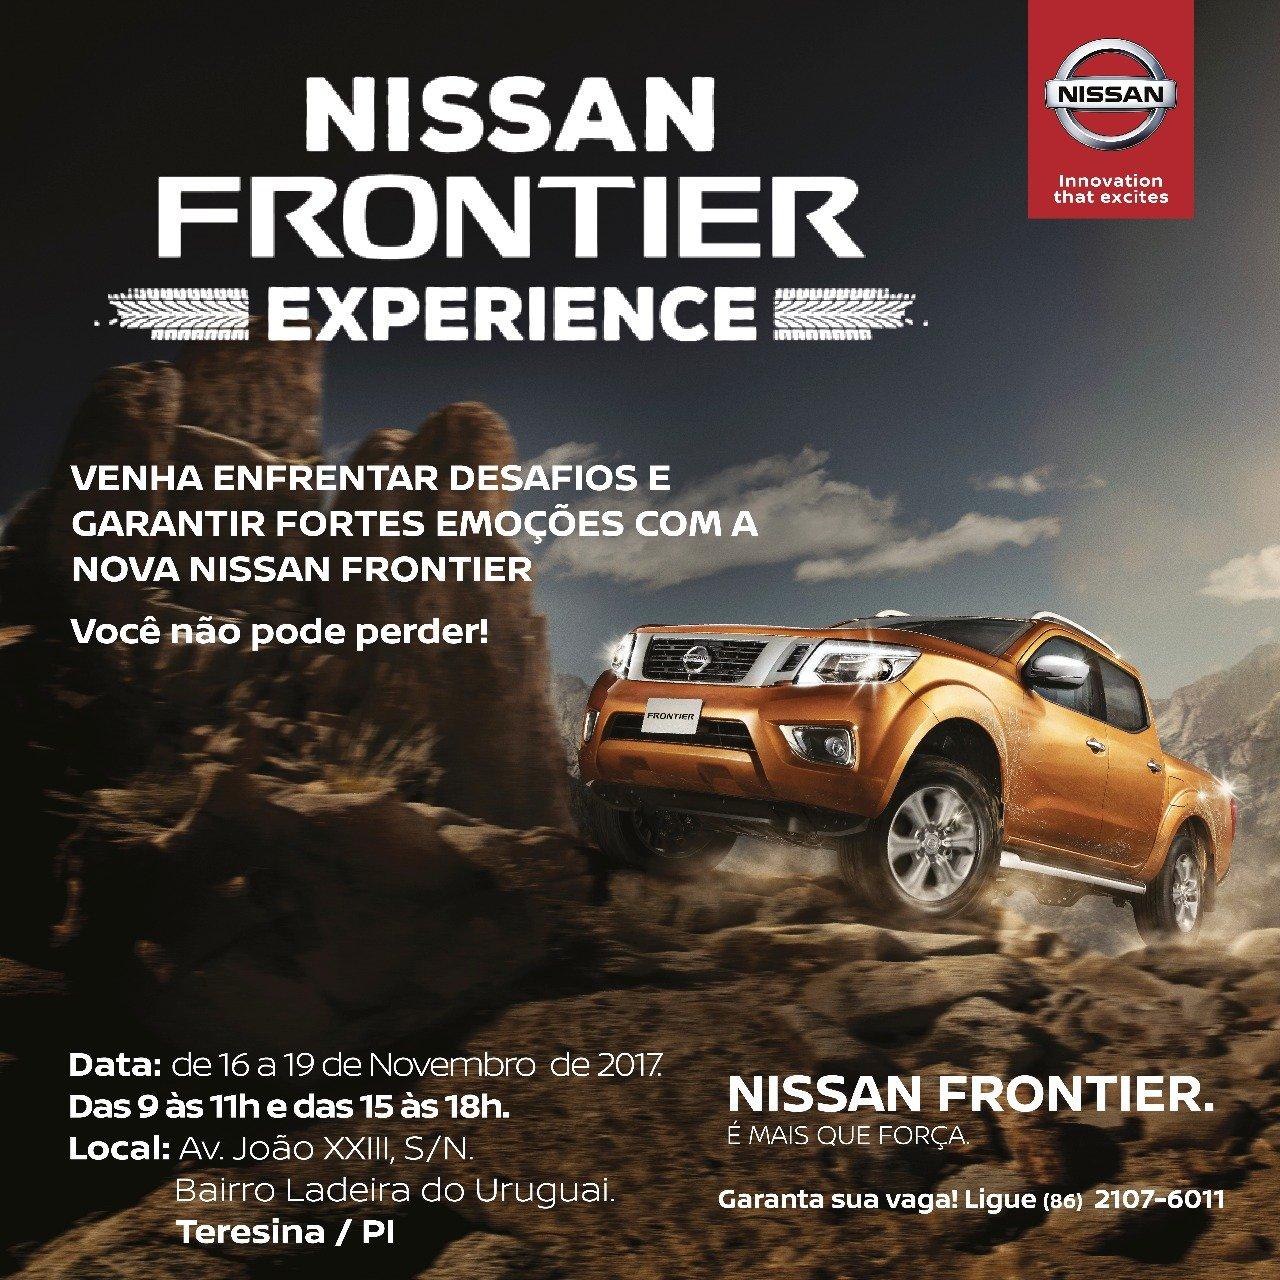 Começa hoje! Venha testar a Nova Nissan Frontier em circuito off-road e comprovar sua robustez!